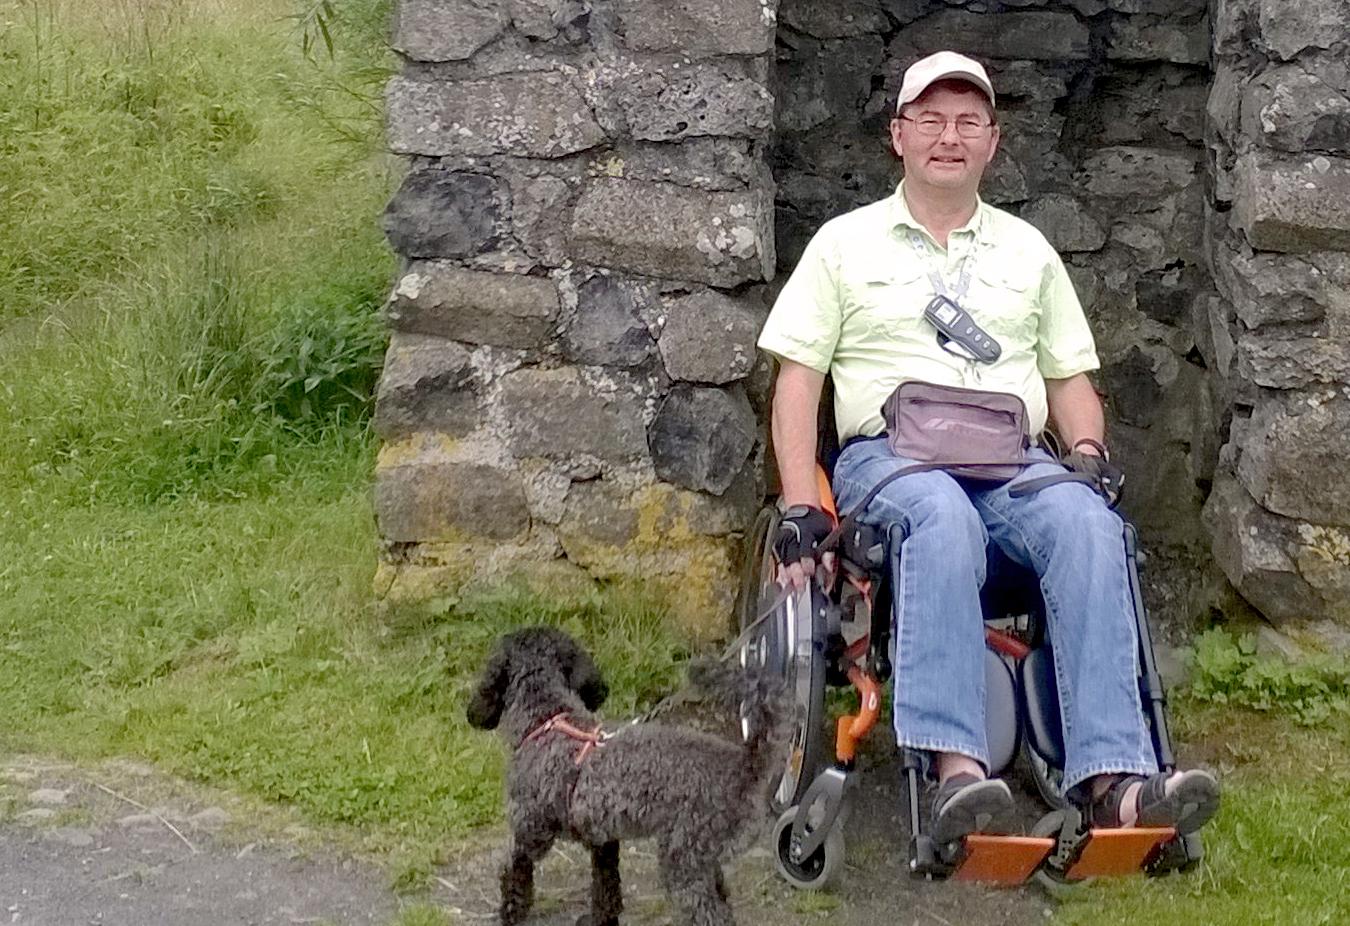 Norbert Sandmann mit Rollstuhl und Hund unterwegs in der Natur.